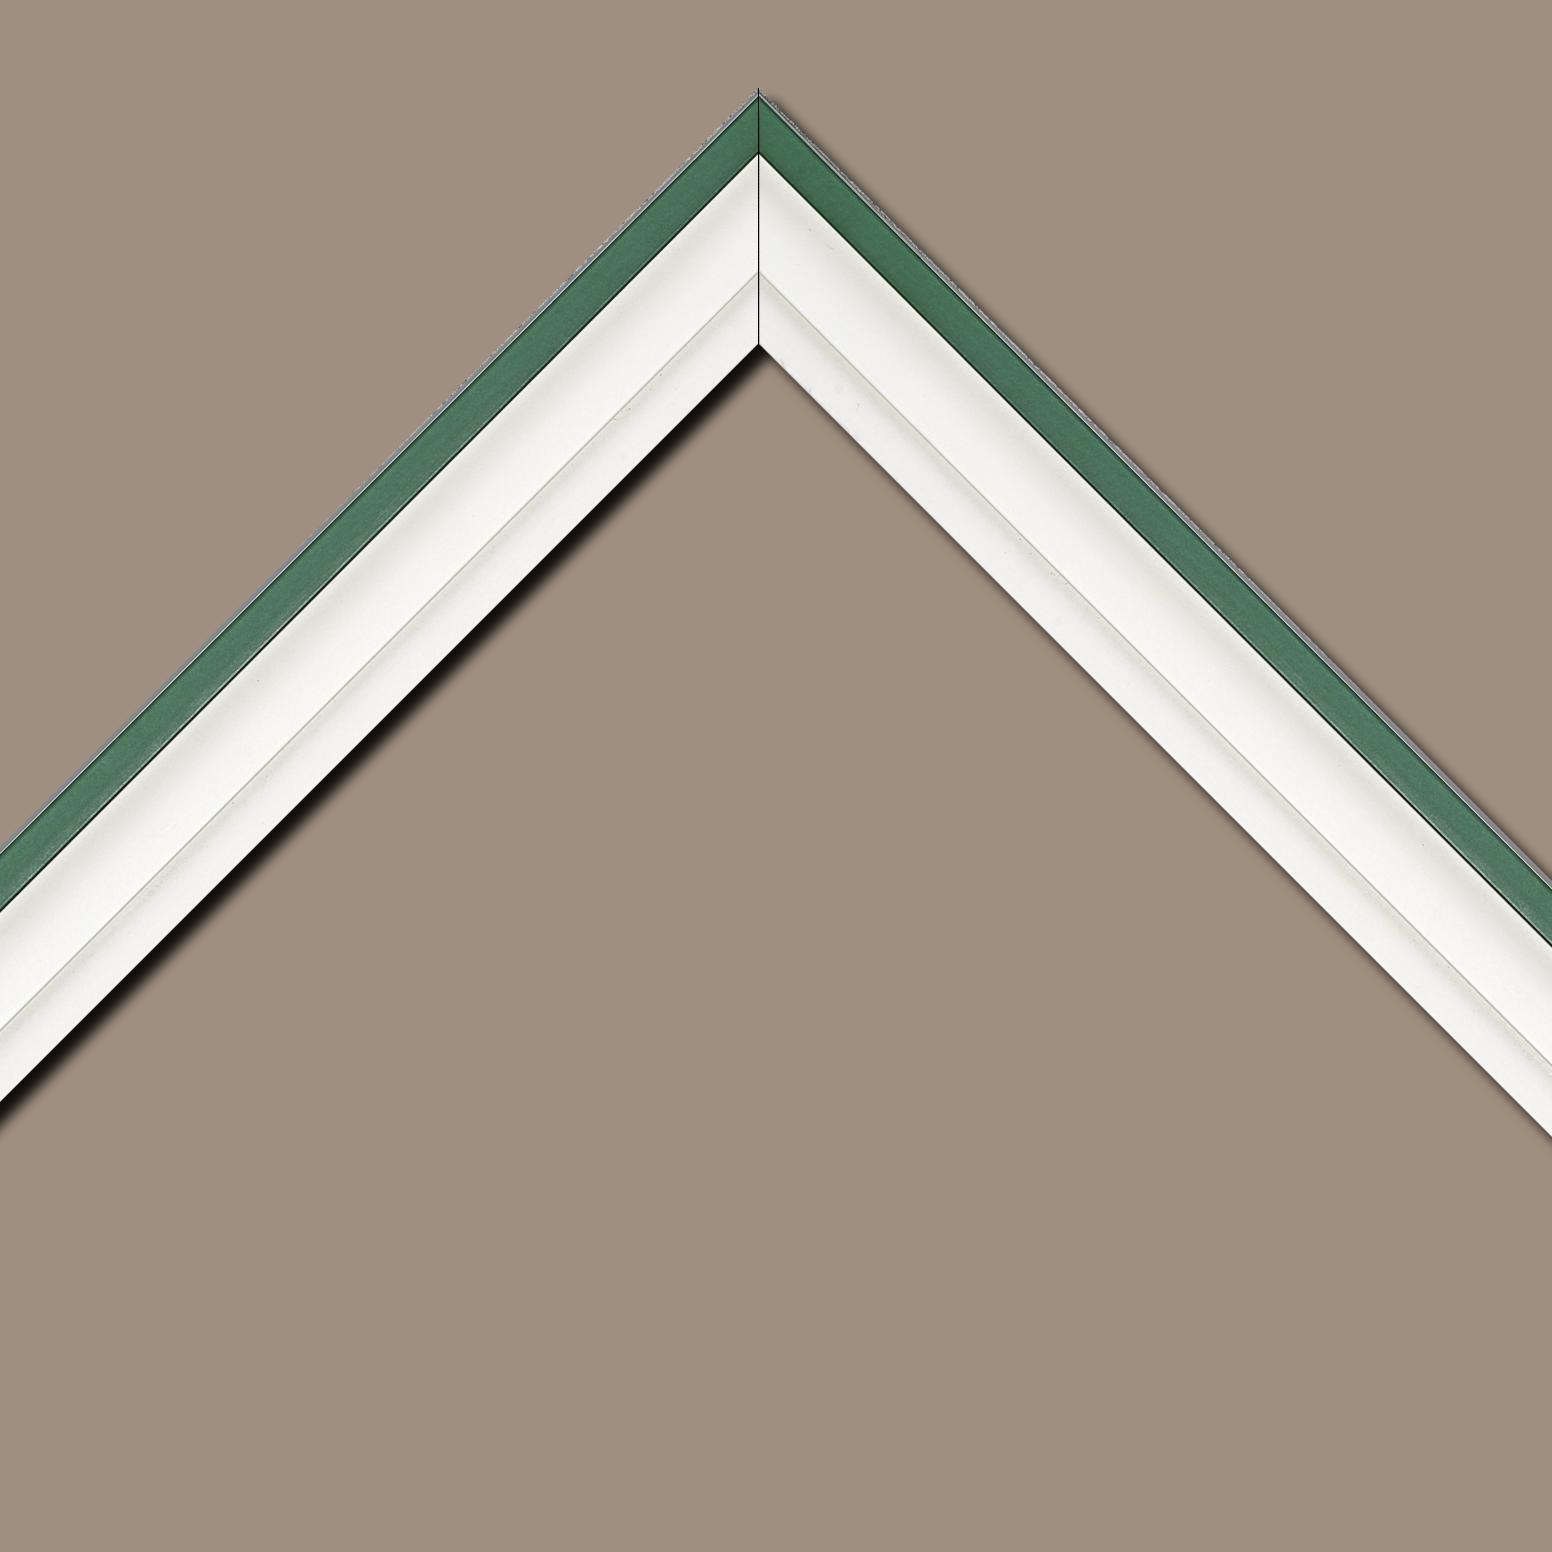 Baguette bois caisse américaine profil escalier largeur 4.4cm blanc mat filet vert (spécialement conçu pour les châssis d'une épaisseur jusqu'à 2.5cm )